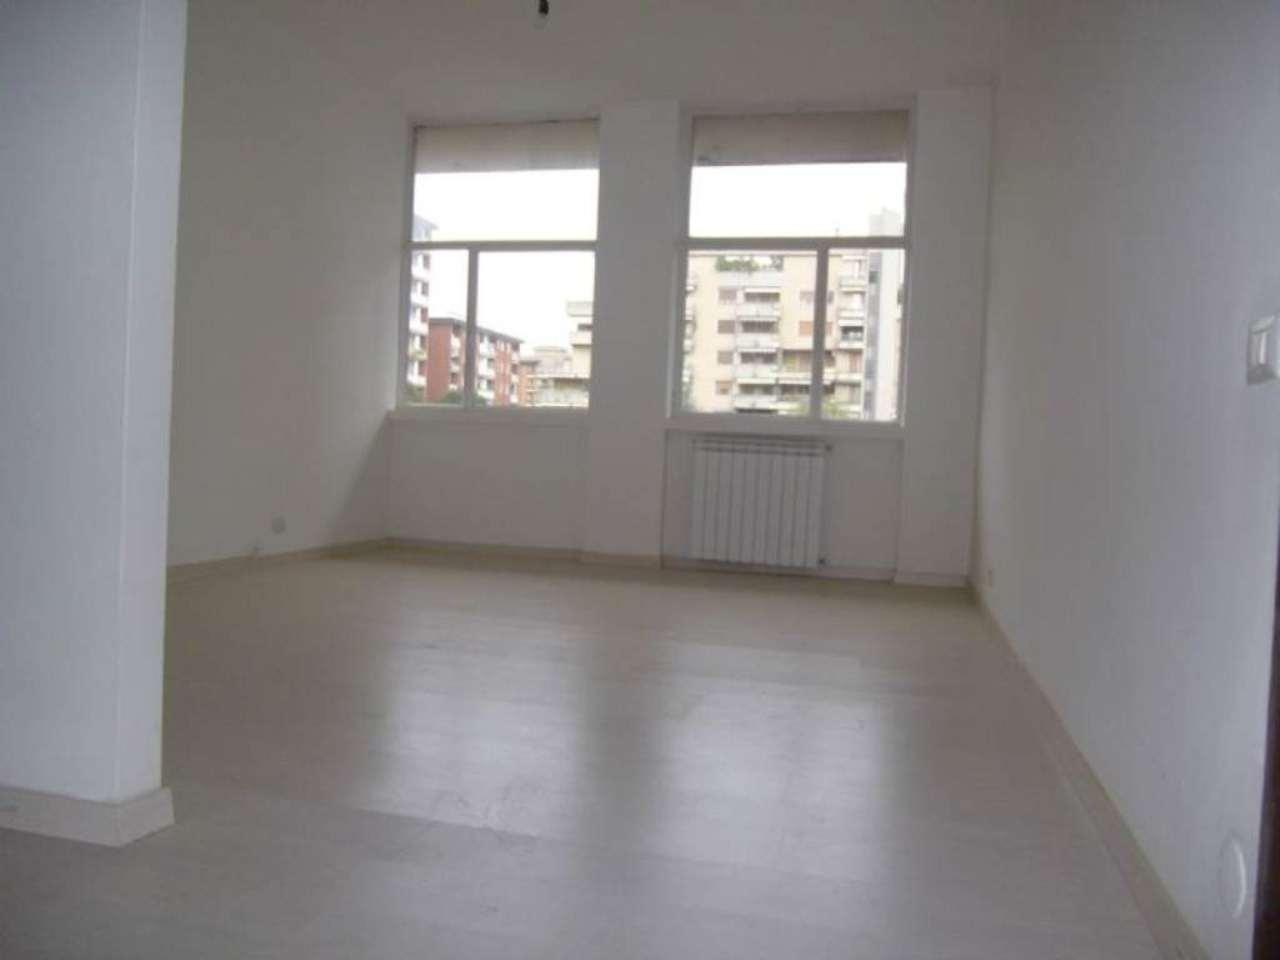 Ufficio / Studio in affitto a Trezzano sul Naviglio, 2 locali, prezzo € 550 | Cambio Casa.it